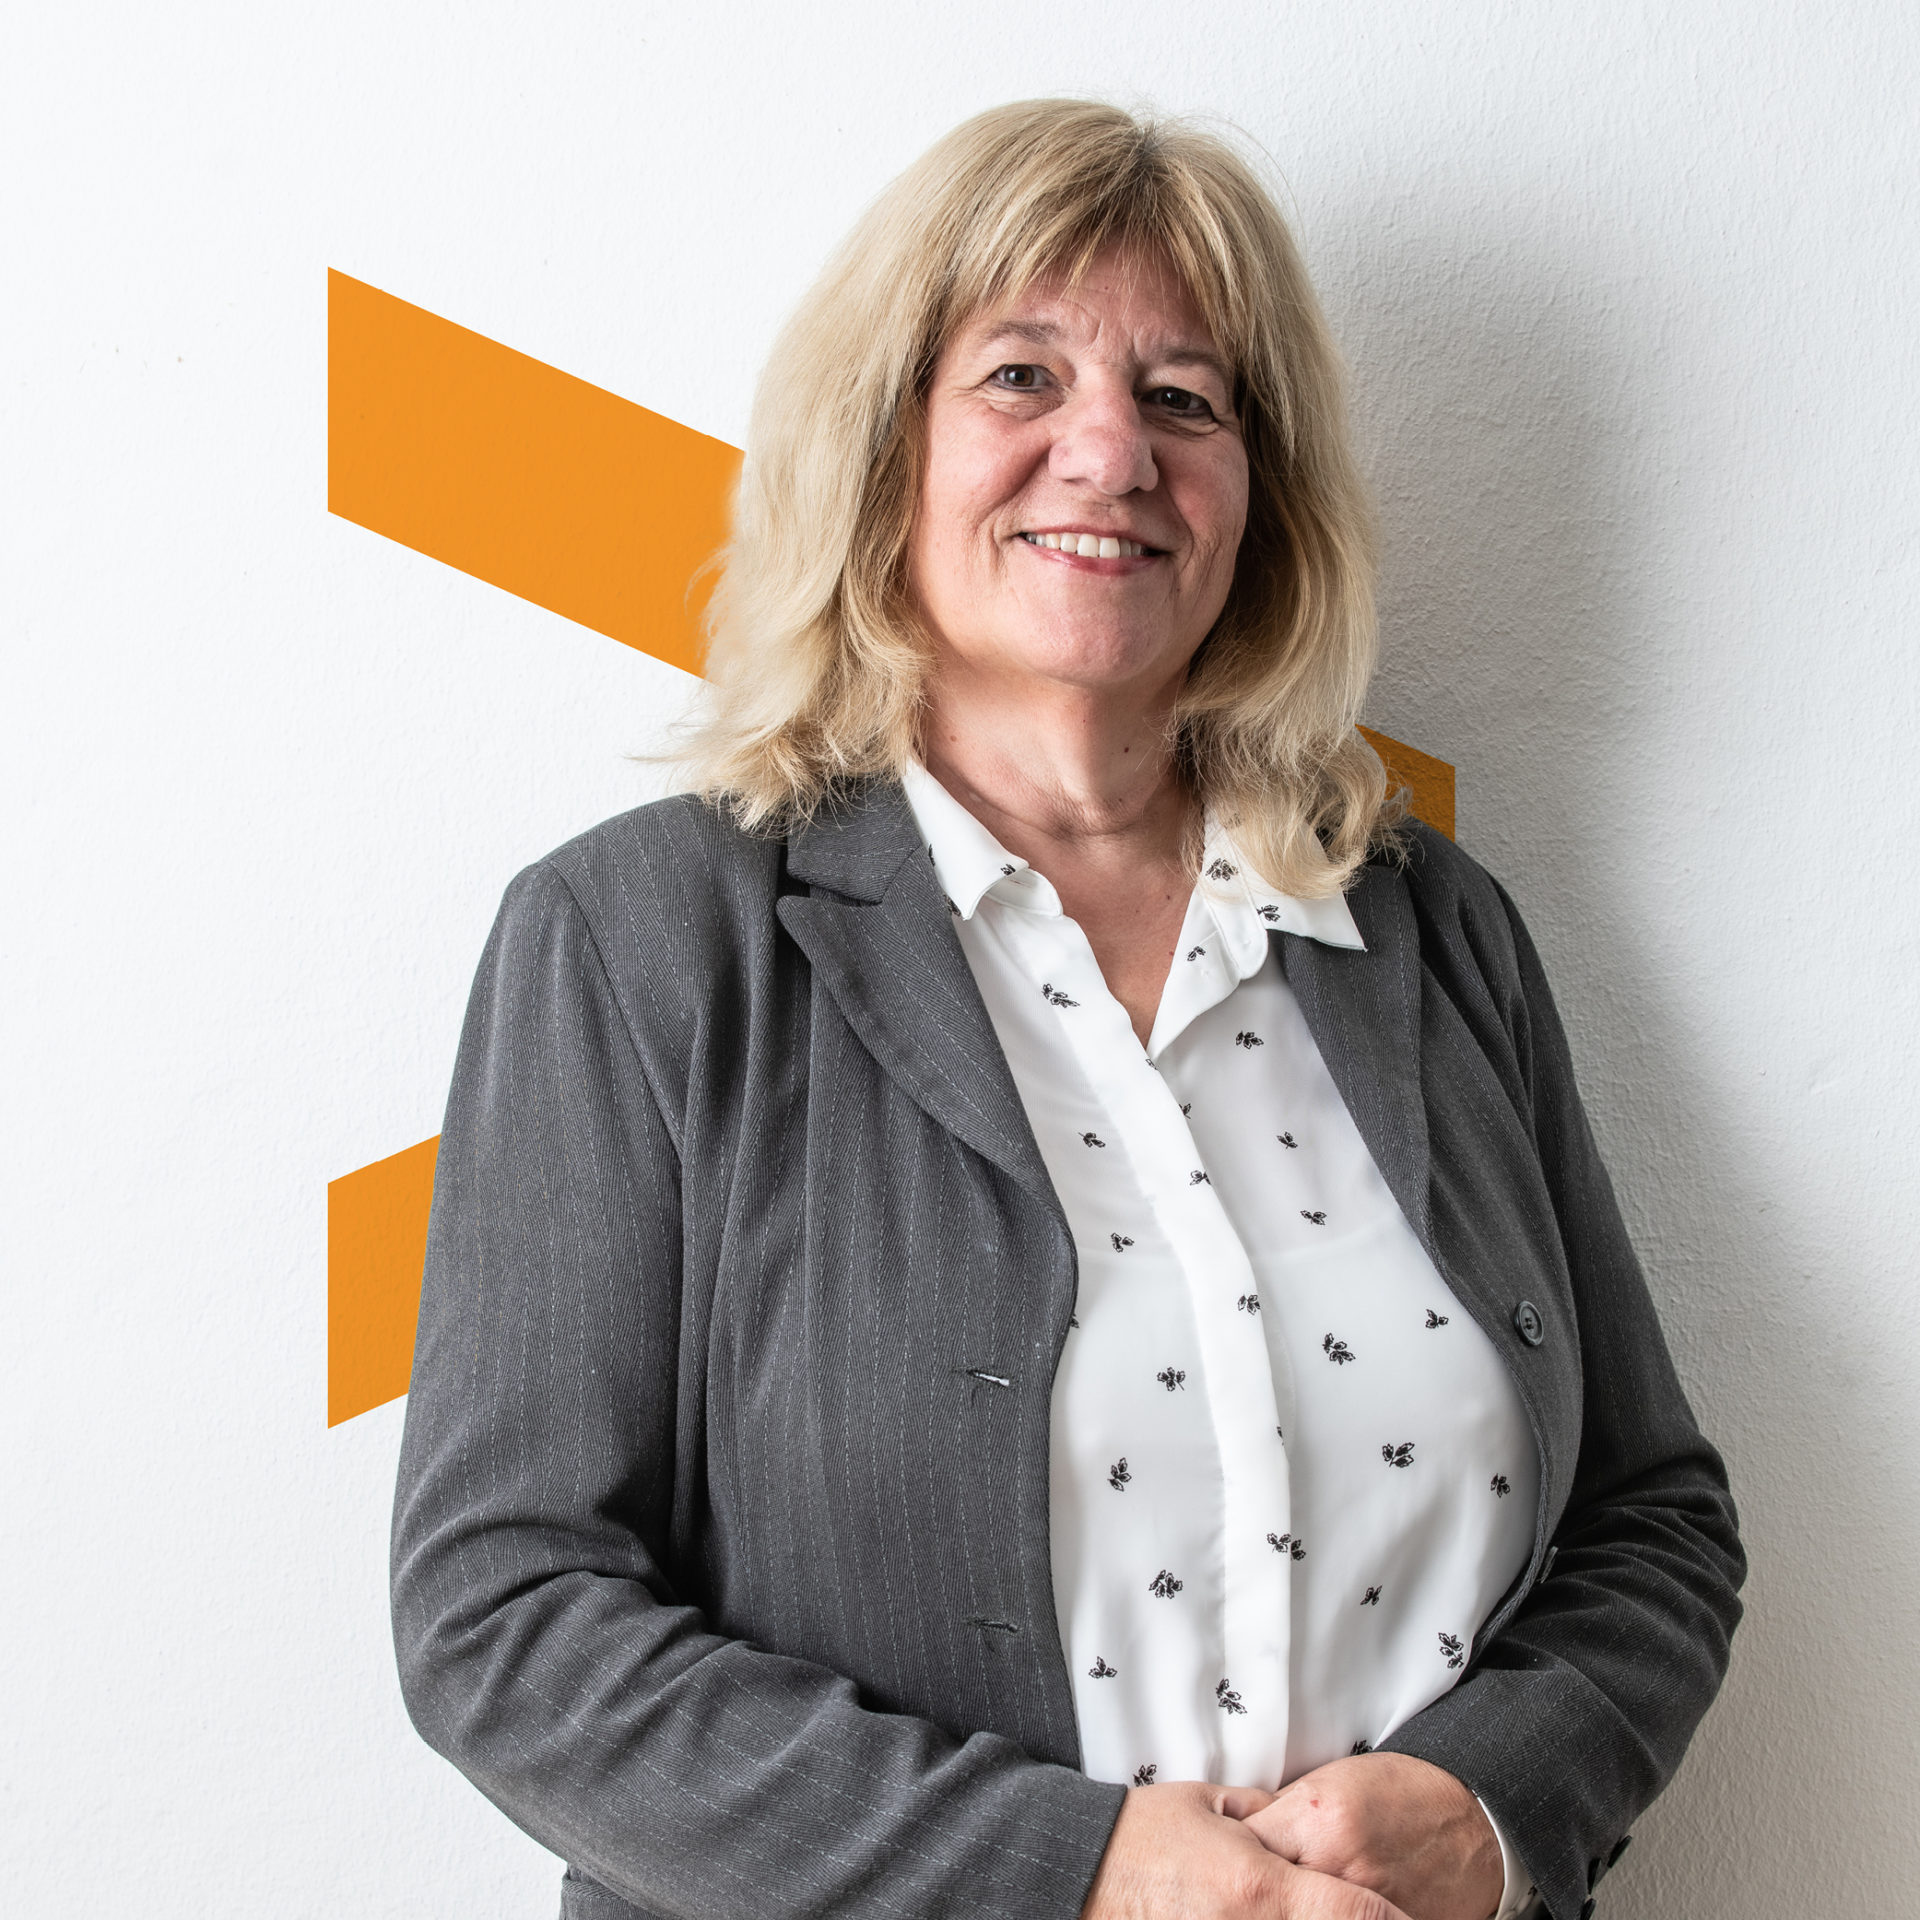 Marian van den Boom